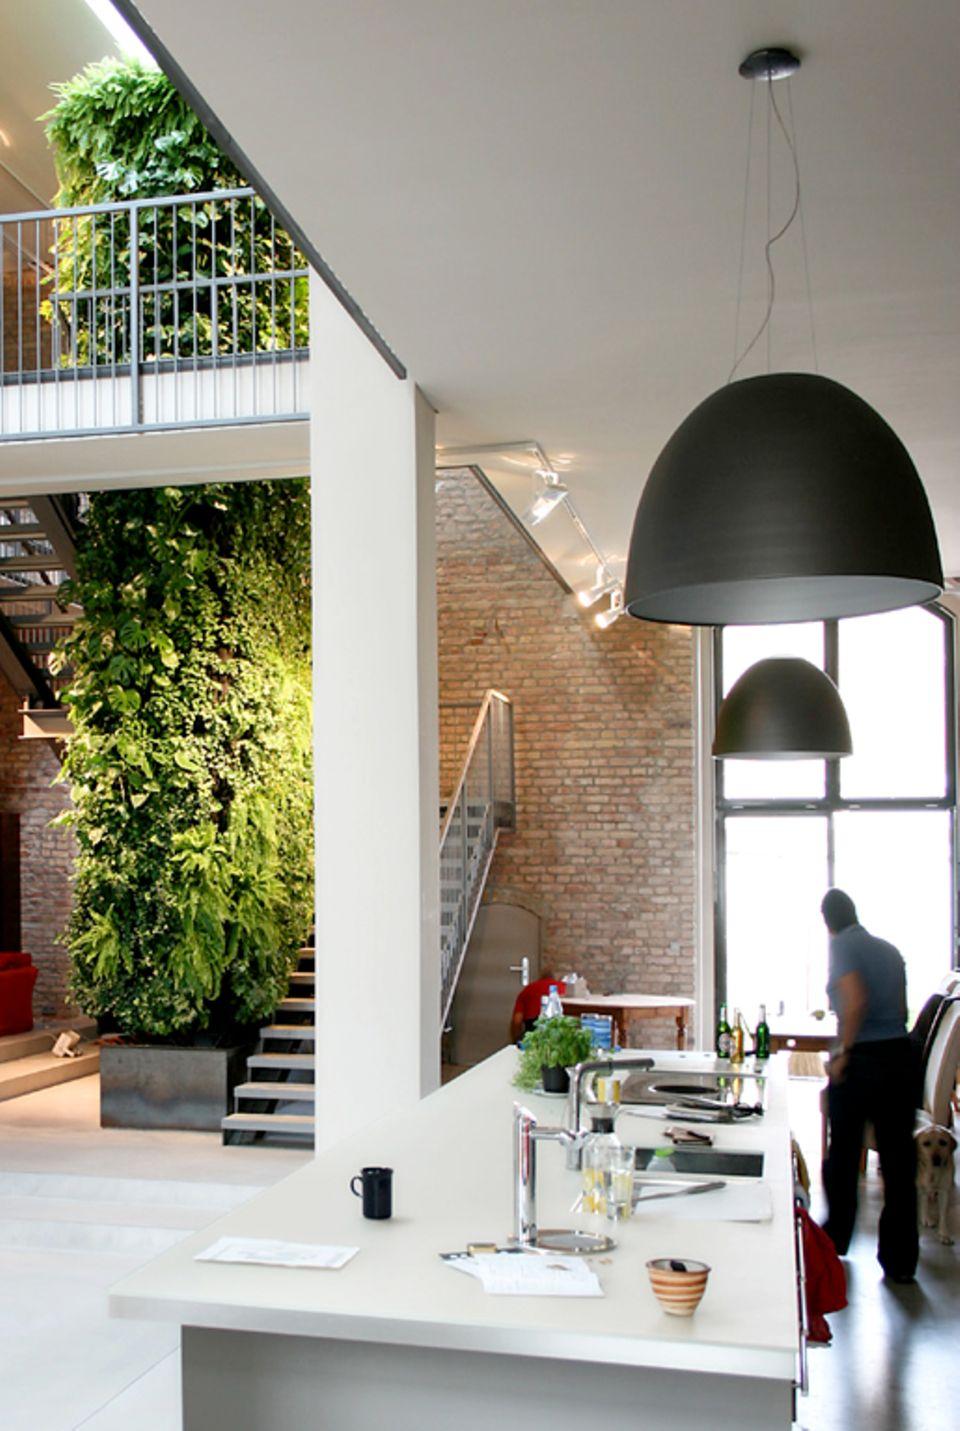 Für ein besseres Klima: Mit seinen Pflanzen verbessert jeder Wandgarten die Raumluft nachhaltig.